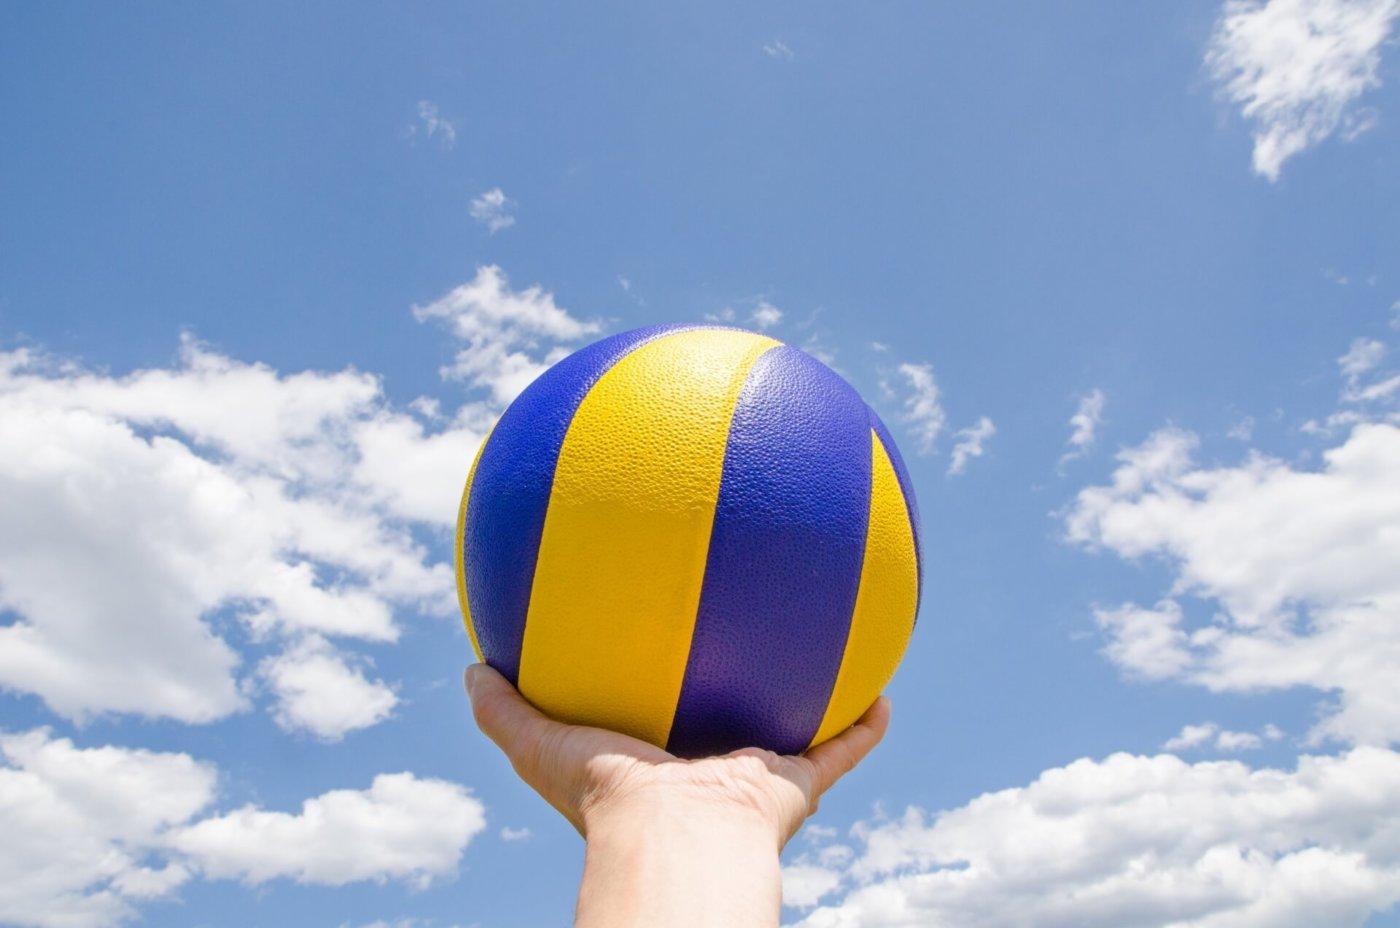 バレーボールの練習方法!一人でもできること | 調整さん